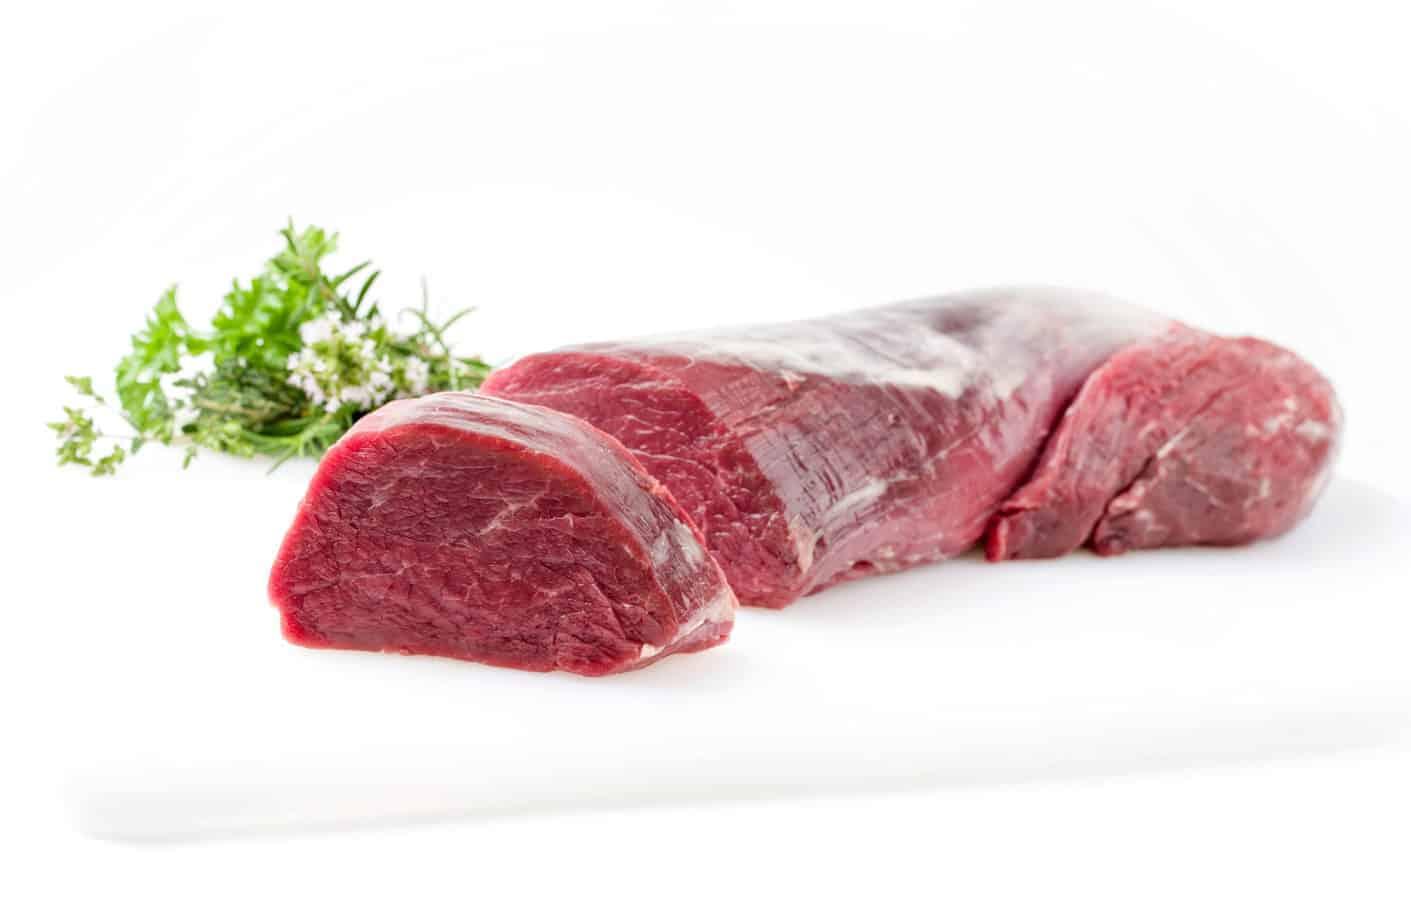 Rinderfilet Argentinien 3-4 lbs